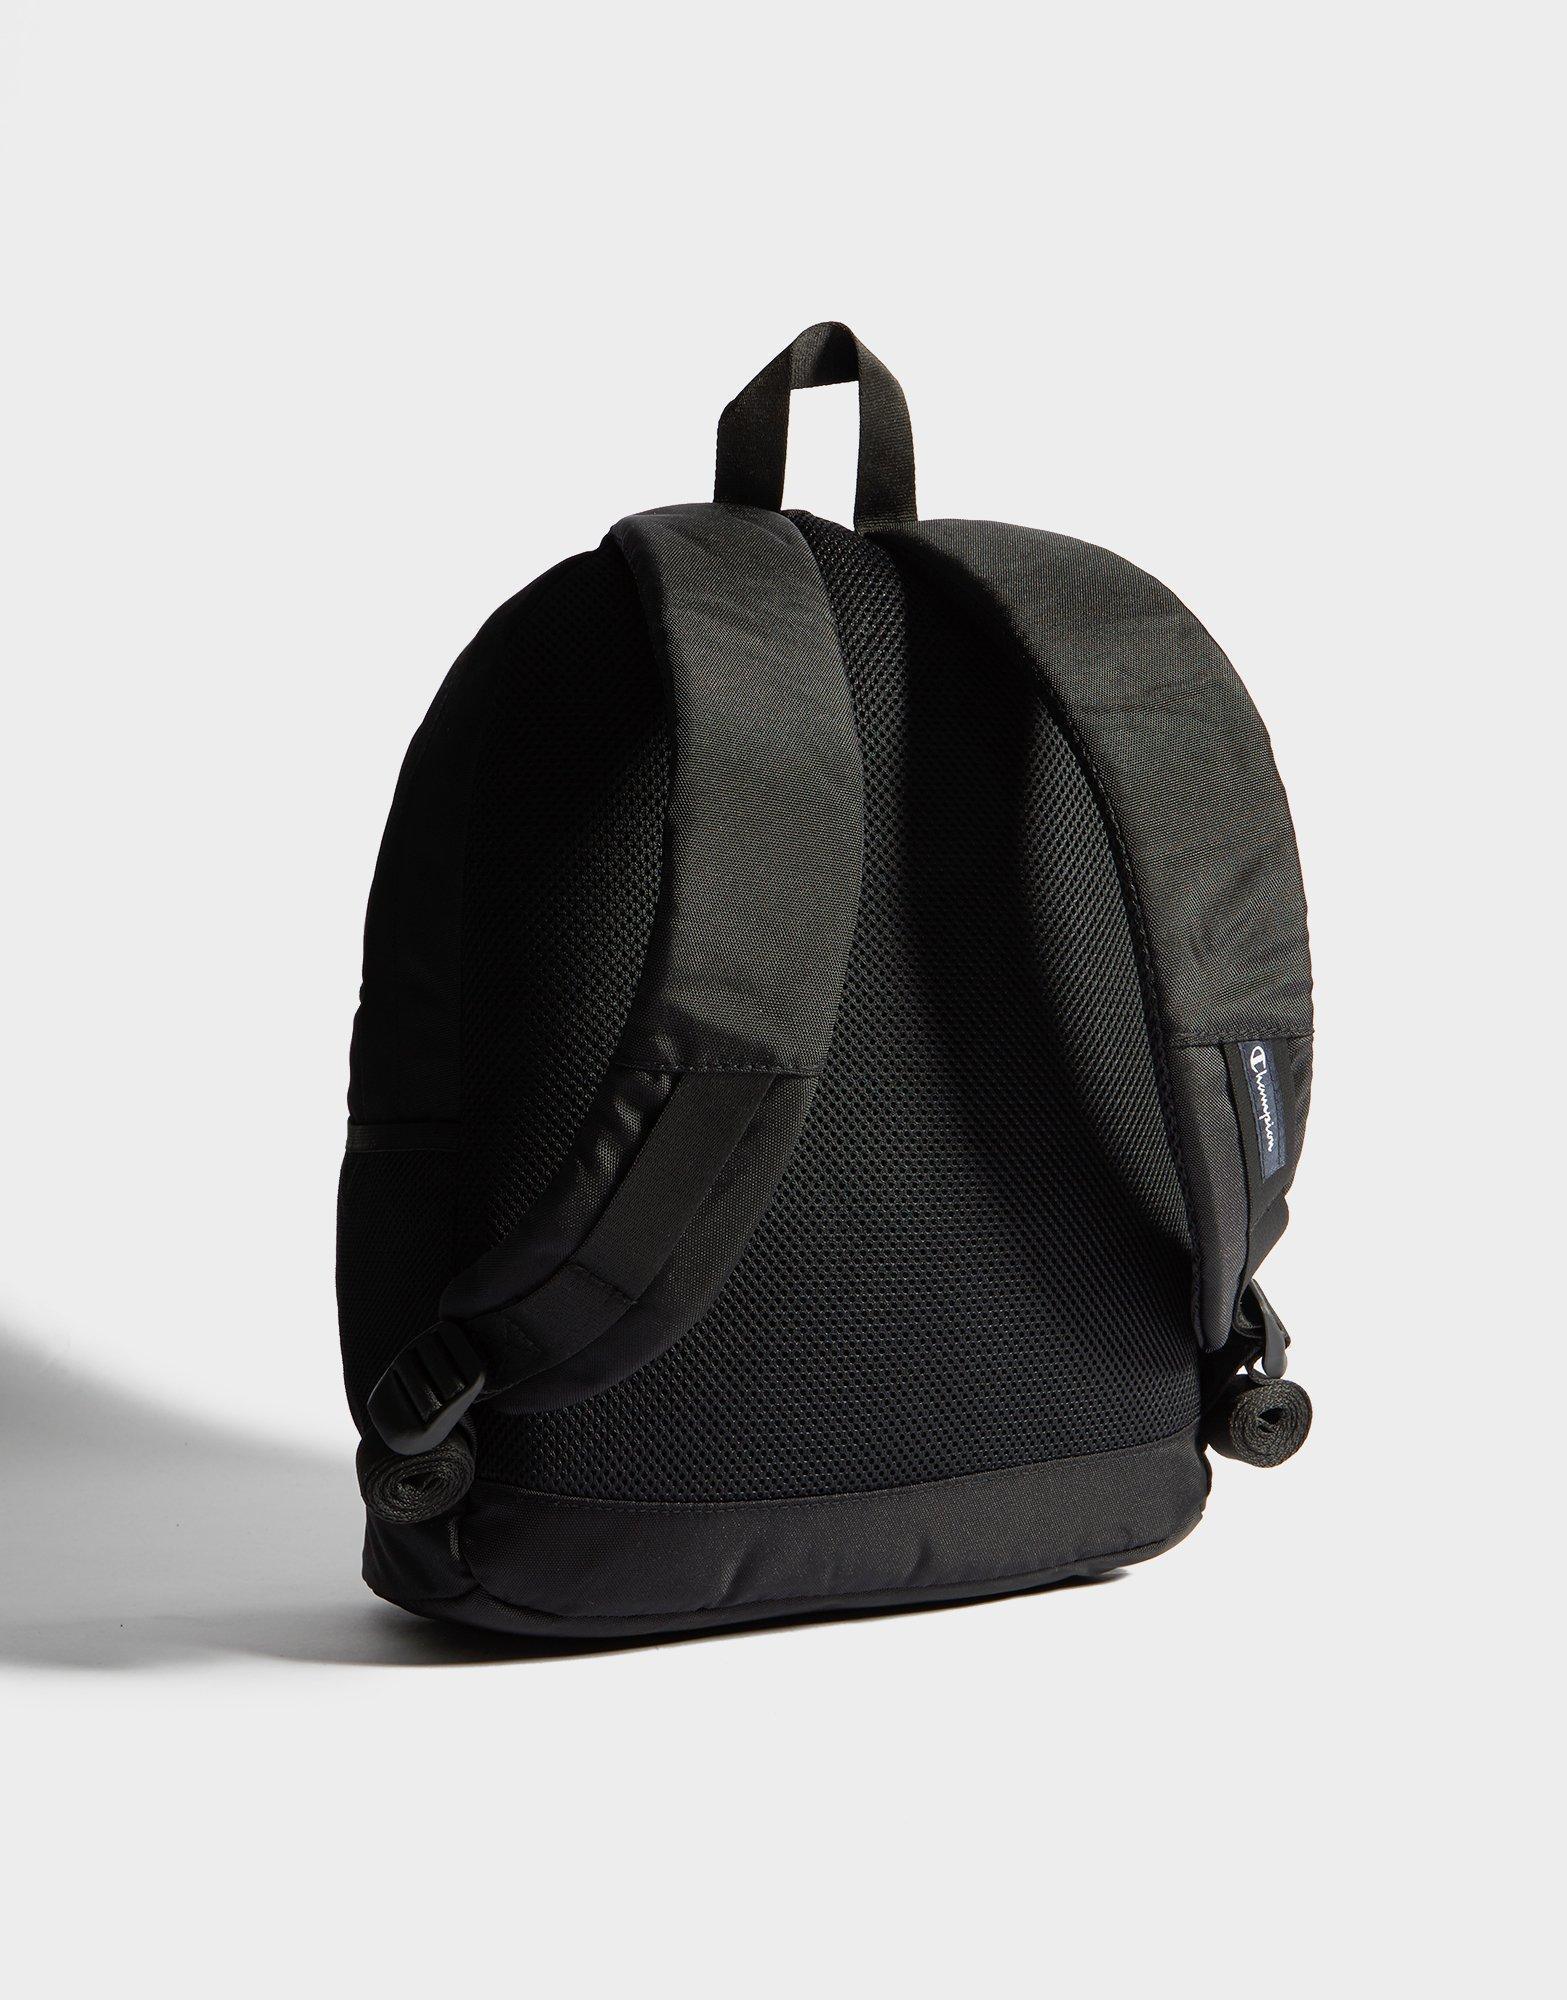 699c5d8e8b0 Champion Backpack in Black for Men - Lyst